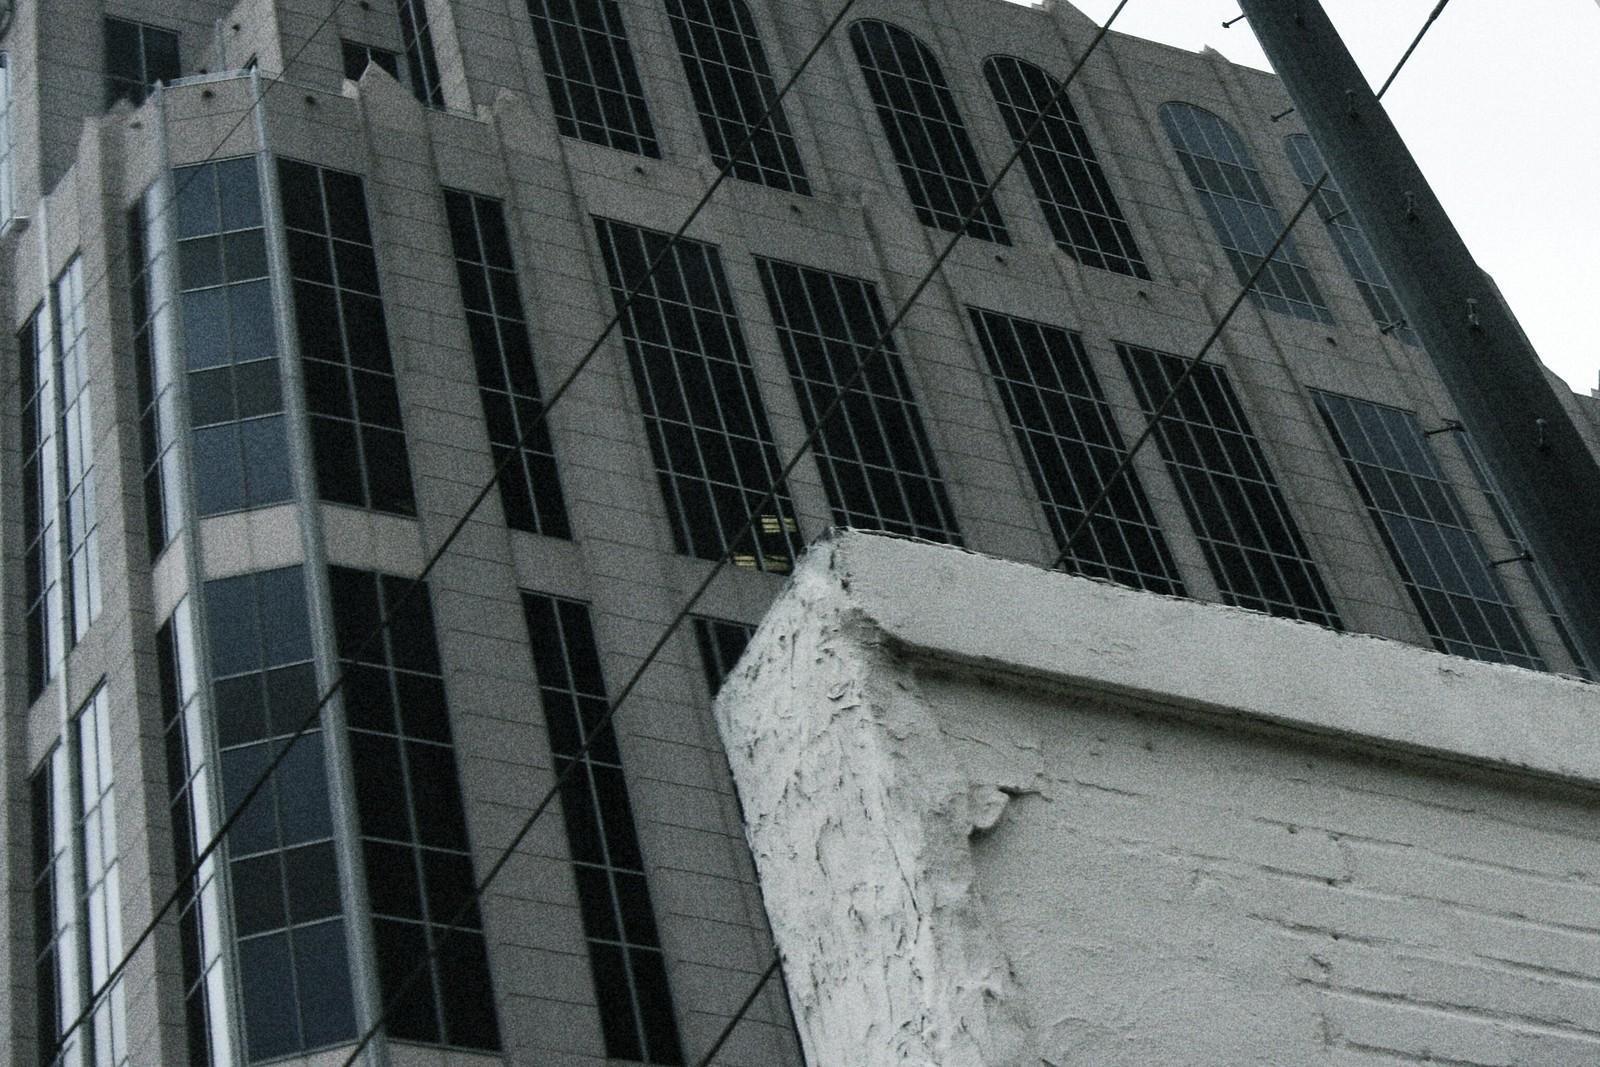 Atlantic Center Plaza, 14th Street, Midtown Atlanta, Nov 2014